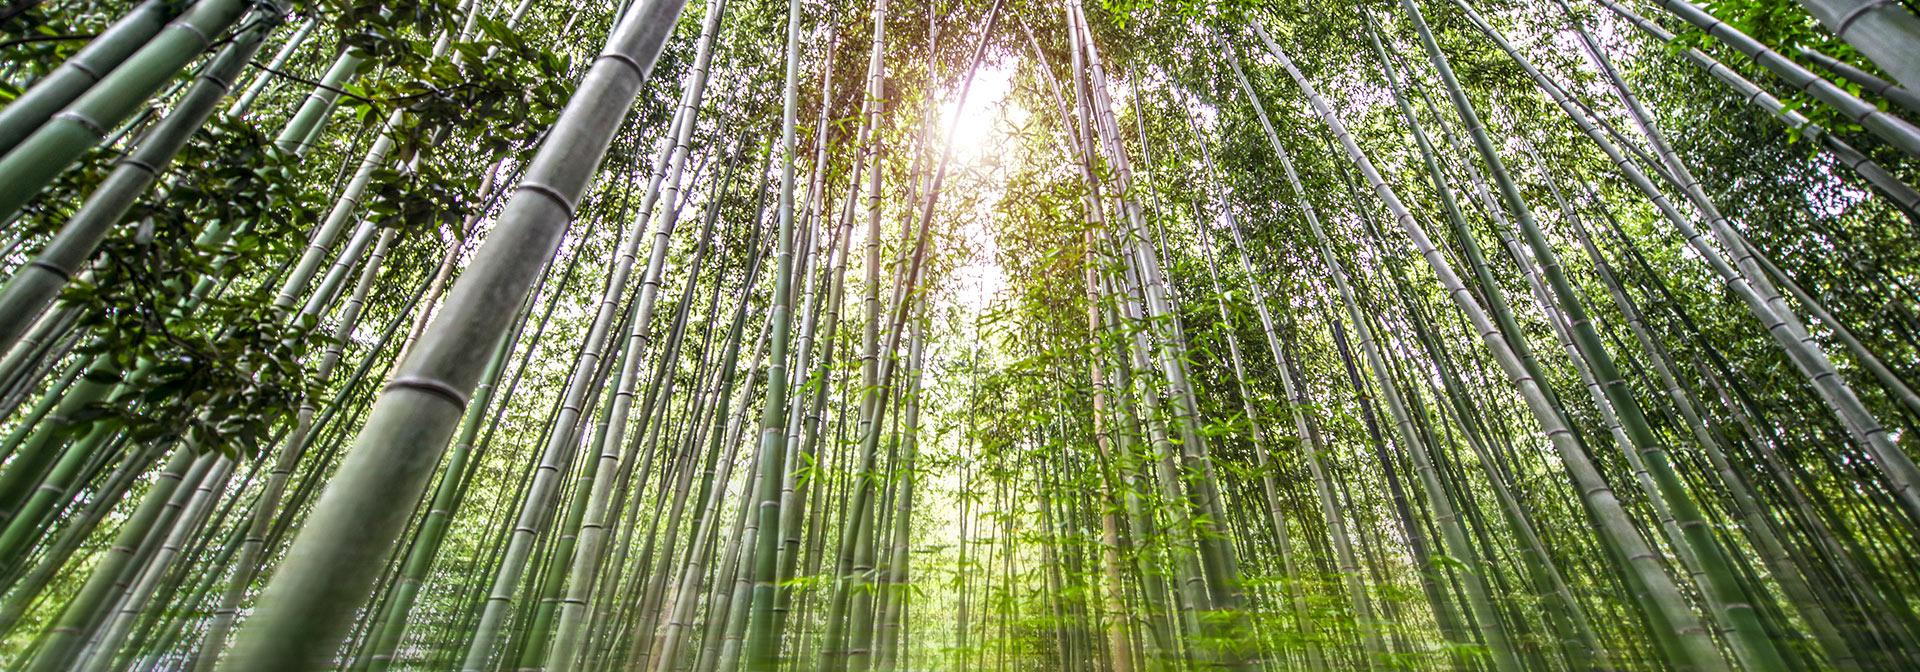 Bamboo Garden Kyoto